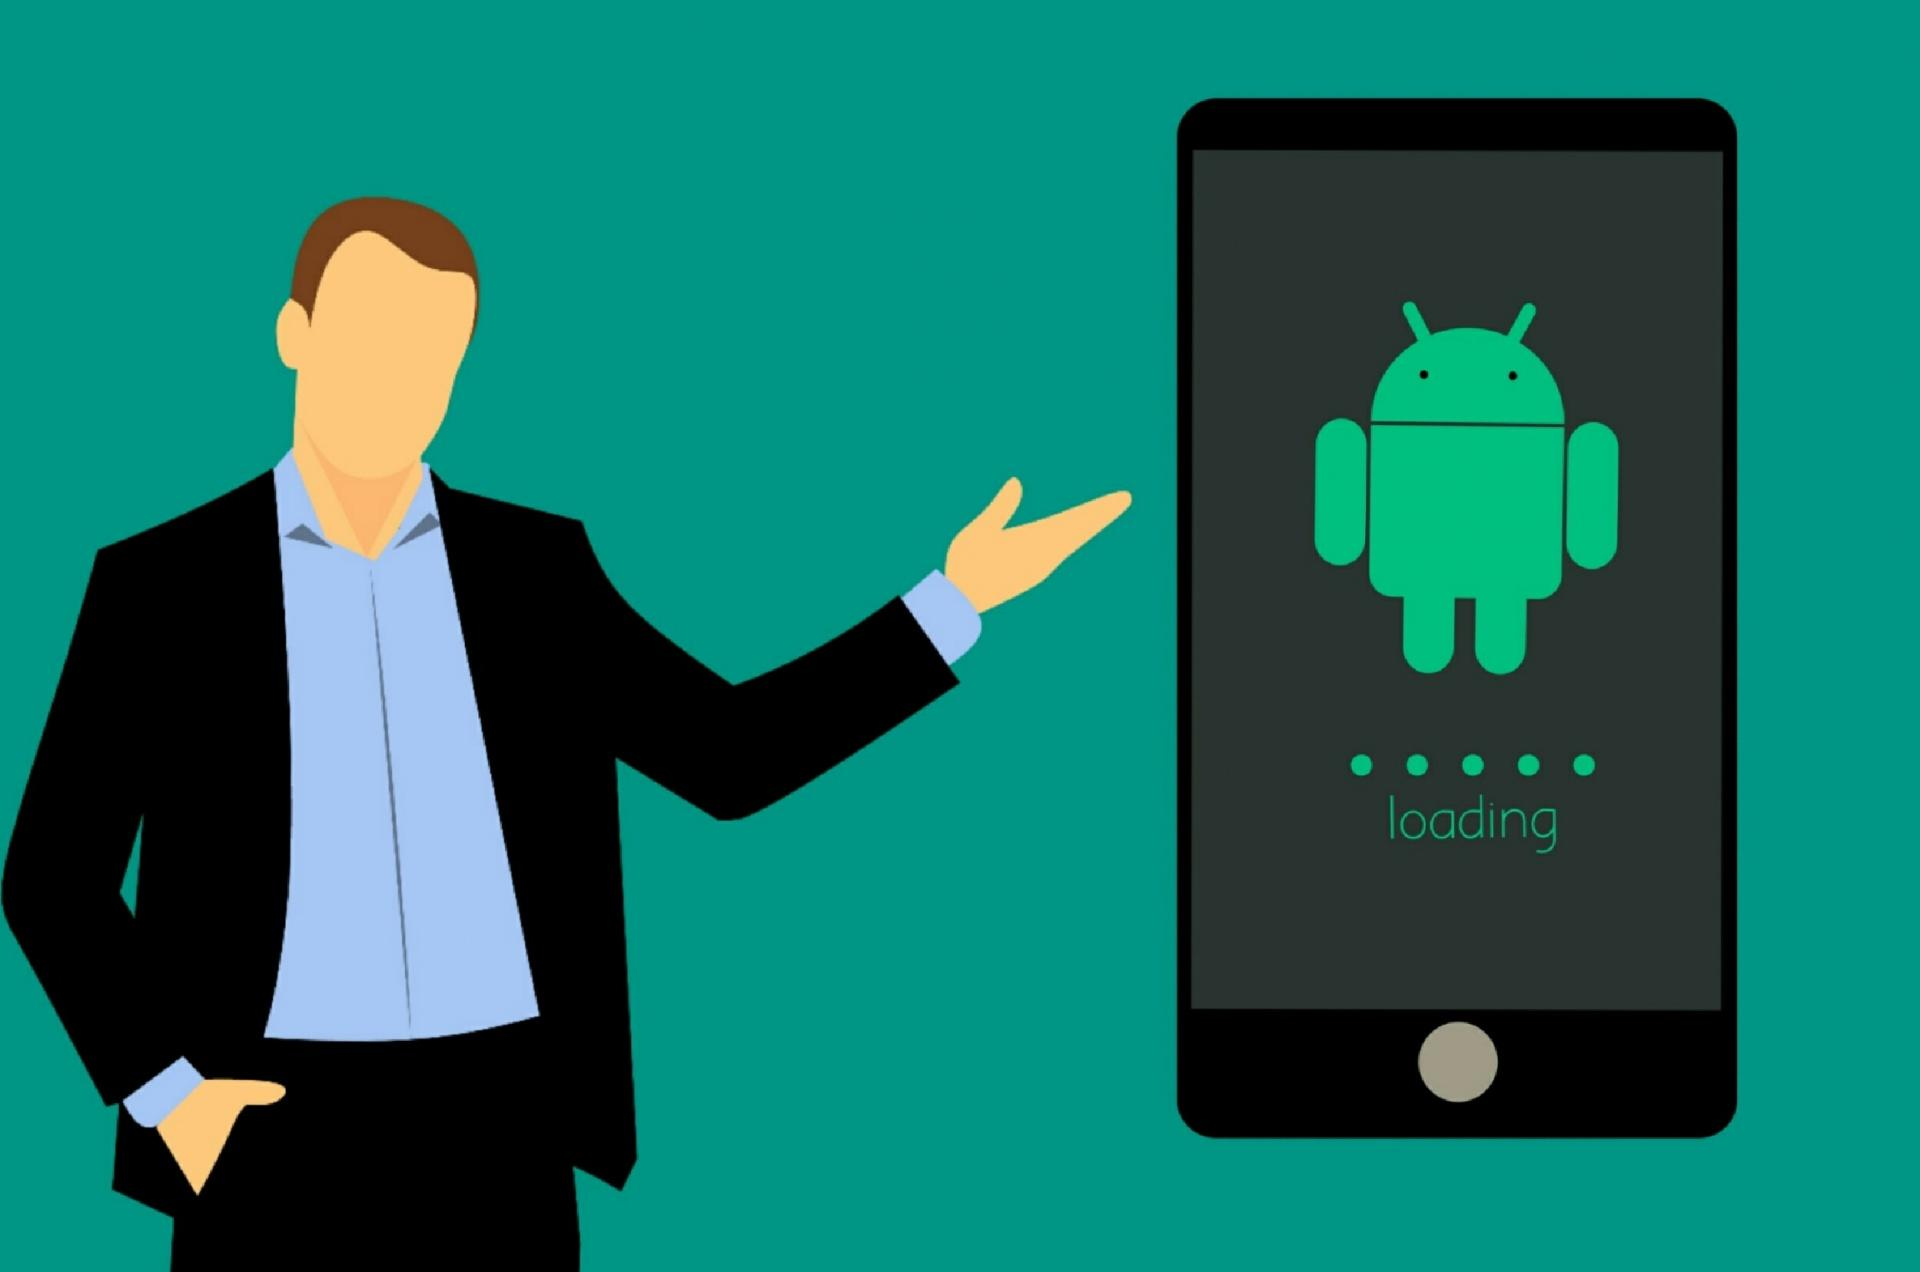 Что такоекастомная прошивка для смартфона? Какие популярны сегодня?